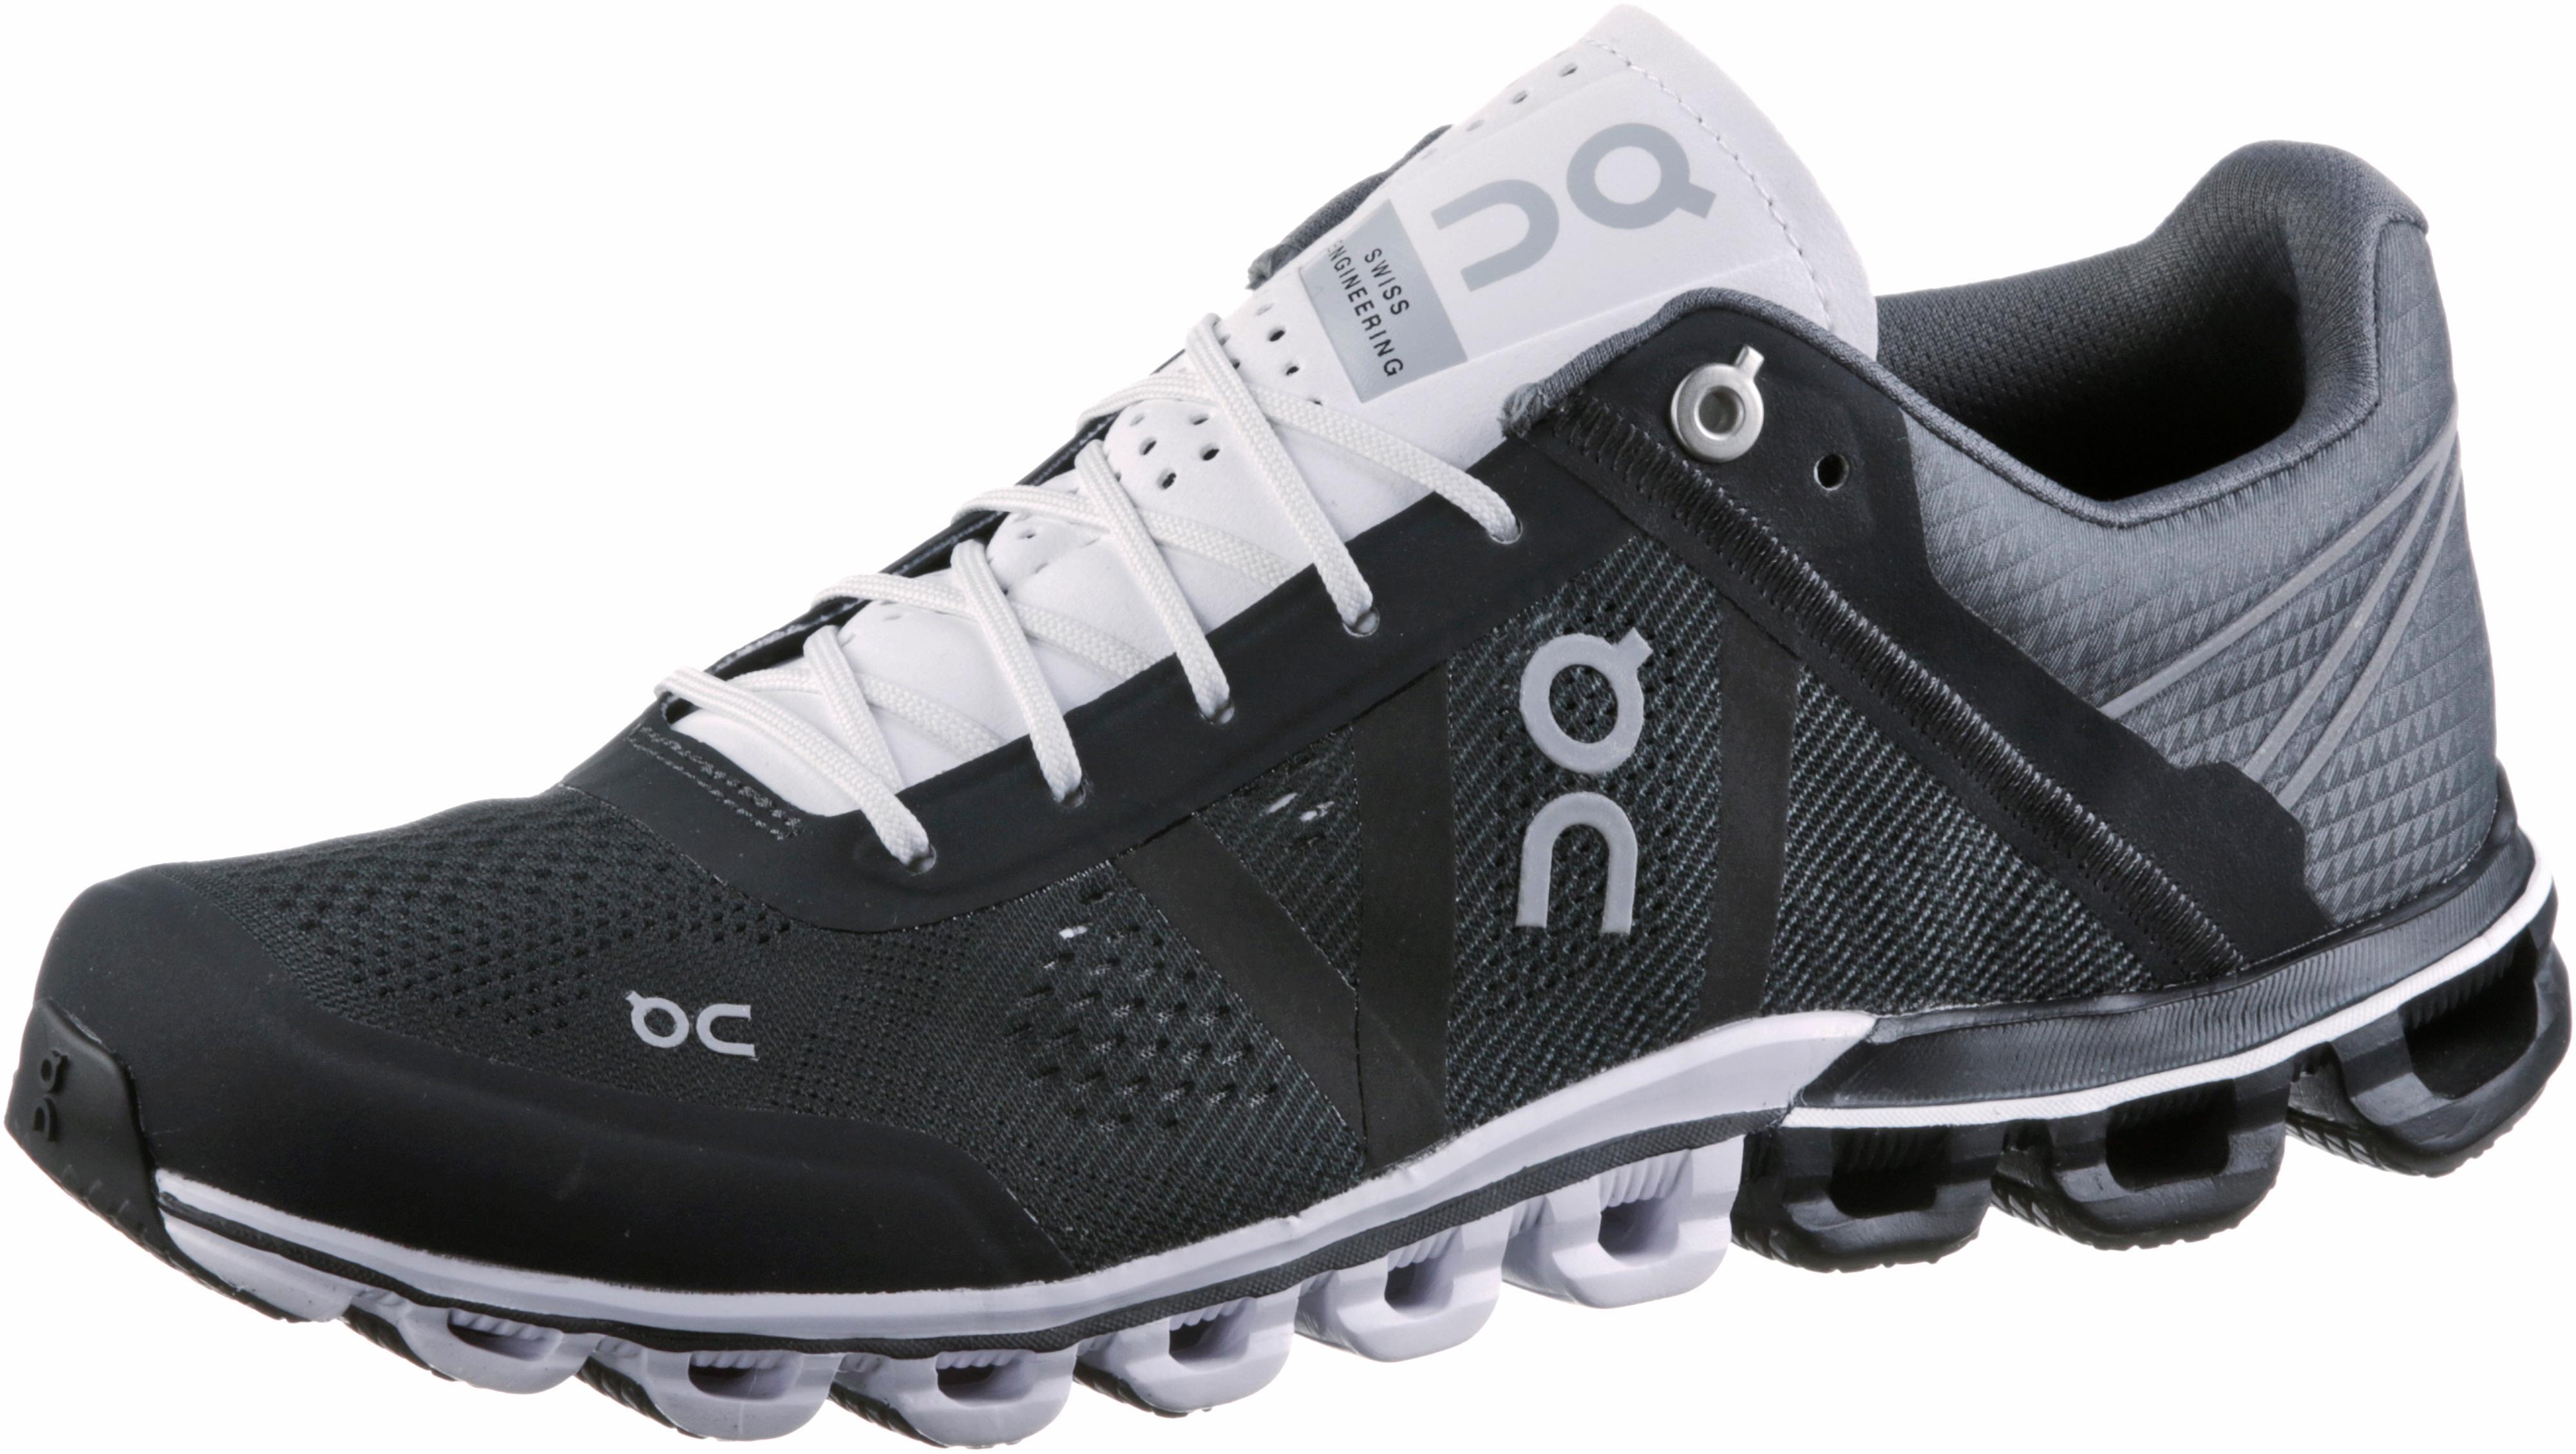 ON Cloudflow Laufschuhe Damen black white im Online Shop von SportScheck kaufen